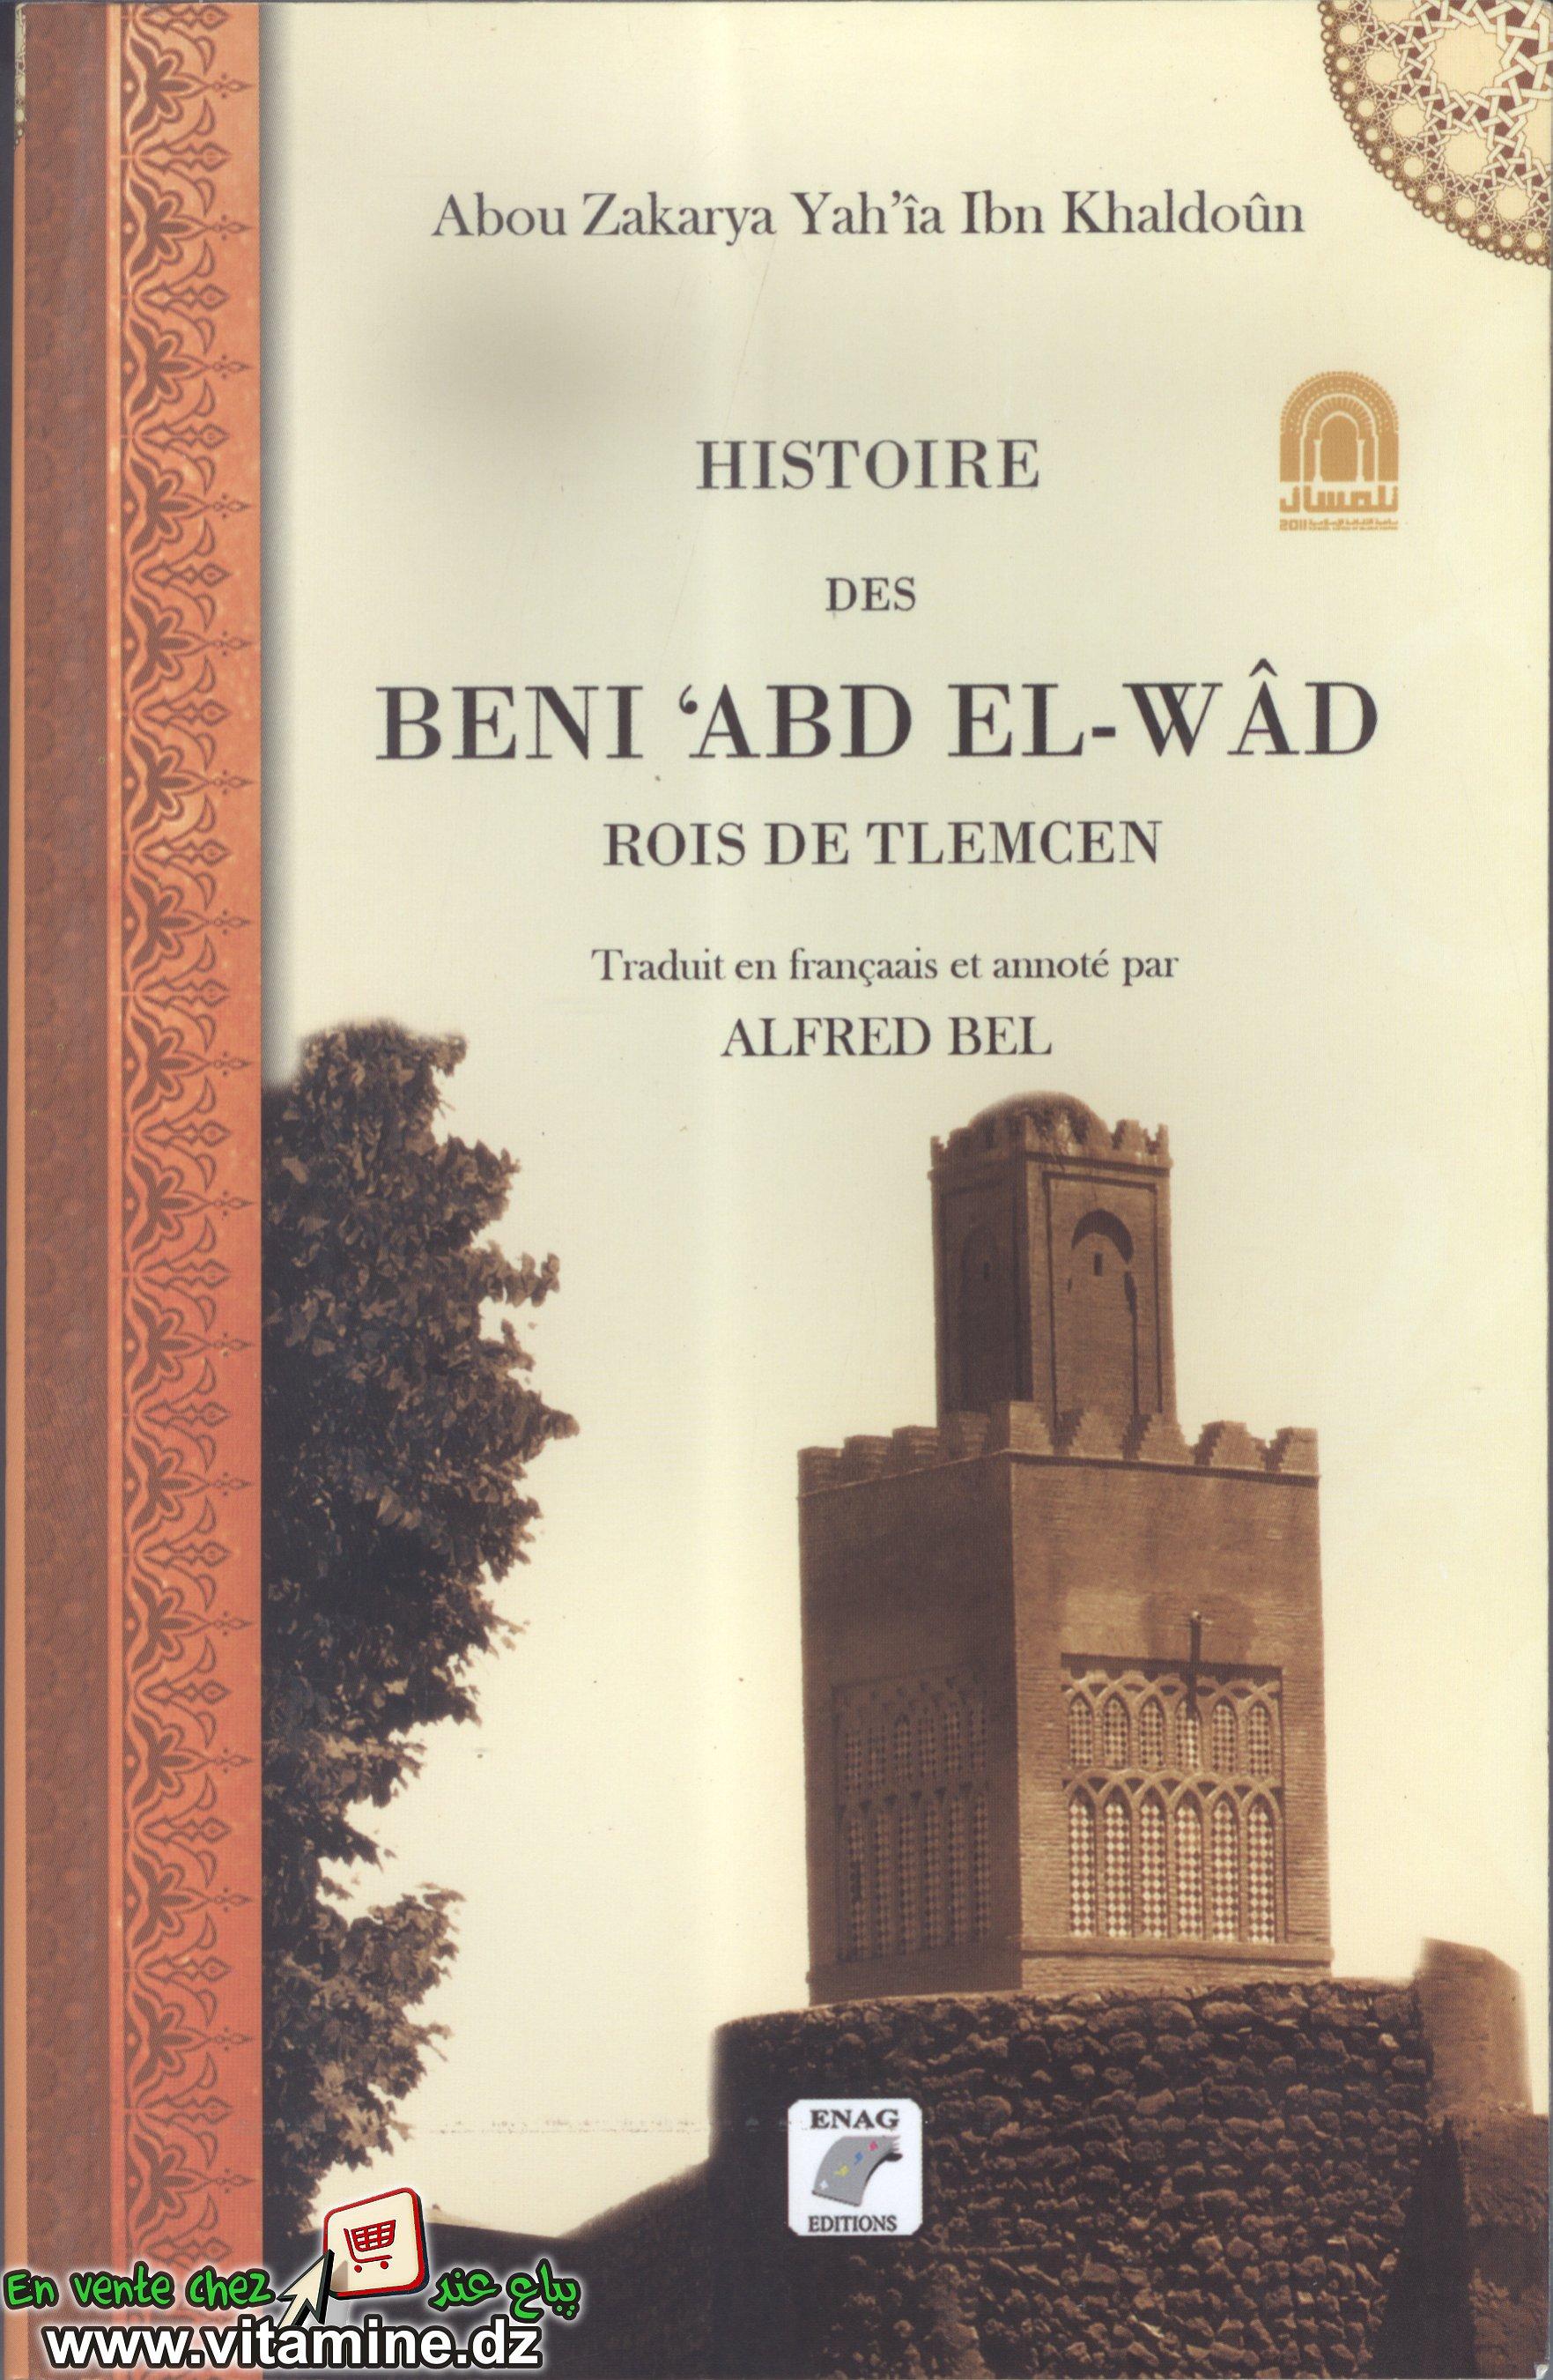 Abou Zakarya Yah'îa Ibn Khaldoun - Histoire des Beni 'Abd El-Wâd Rois de tlemcen